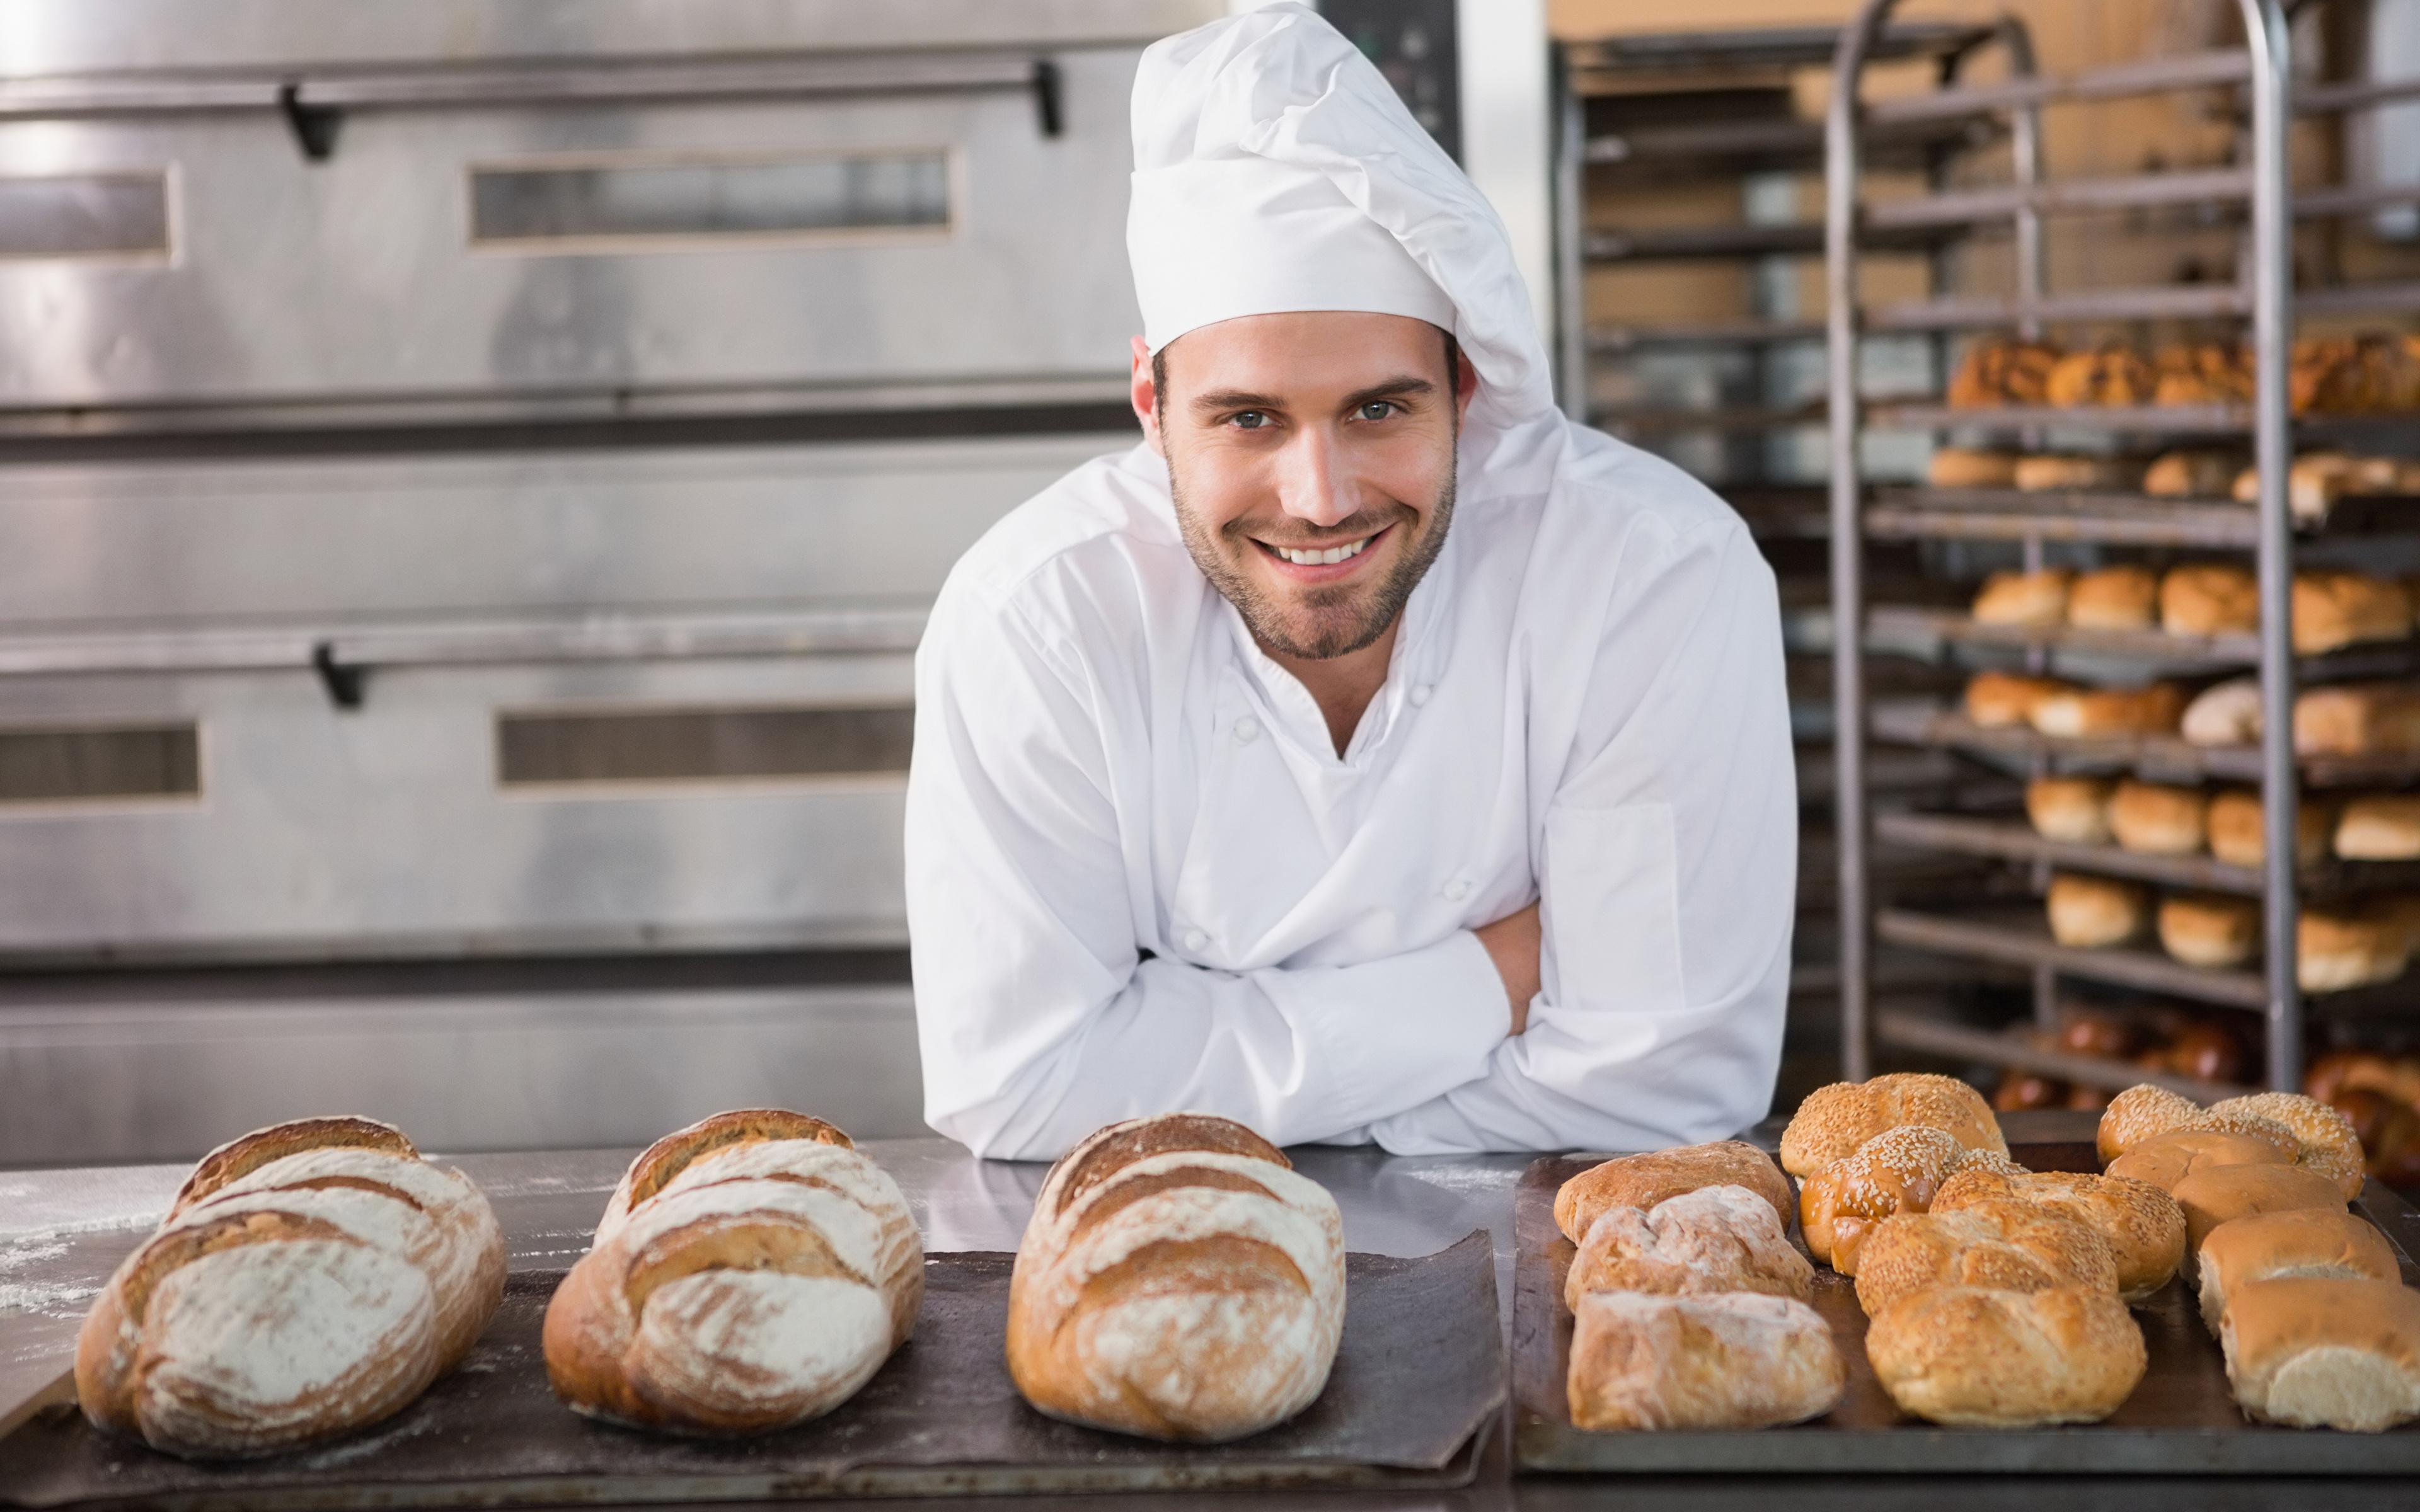 Мужчина повар хлеб улыбается